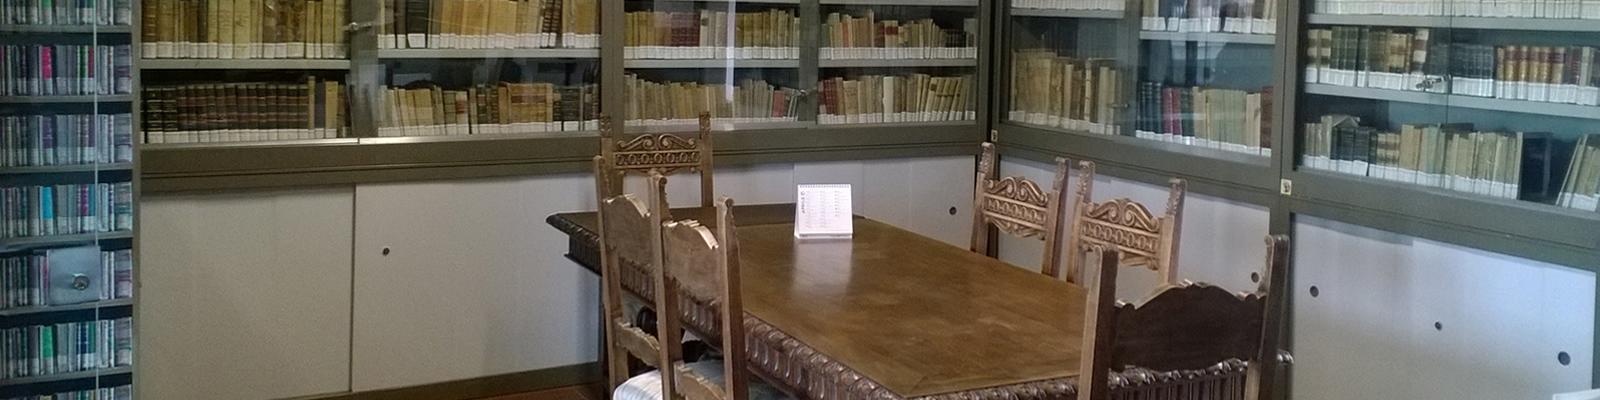 Biblioteca del Museo delle Genti d'Abruzzo